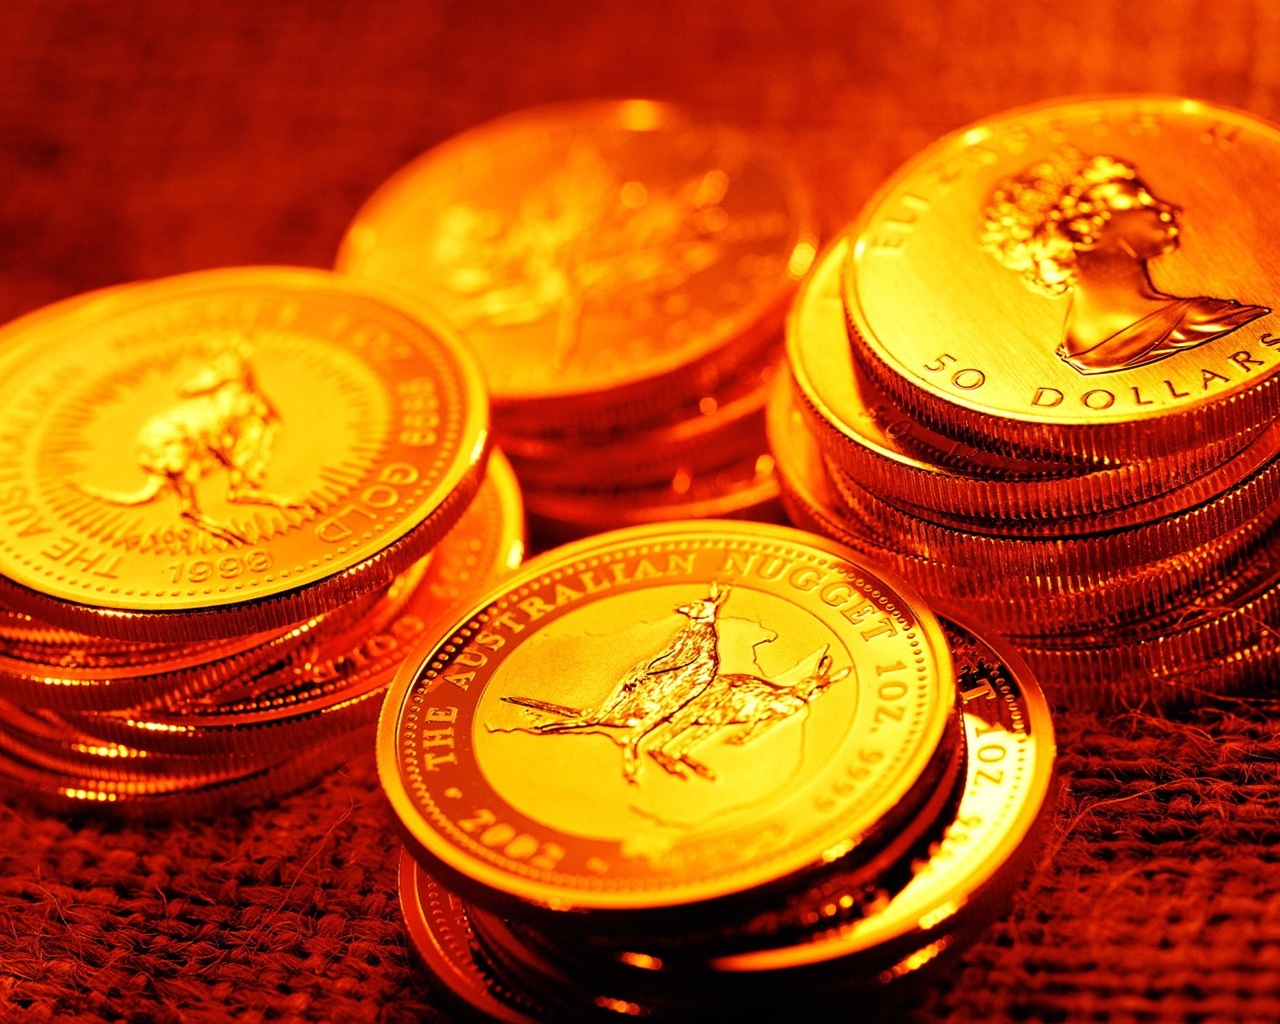 Giá vàng hôm nay ngày 10/8: Vàng vọt tăng cao, diễn biến khó lường